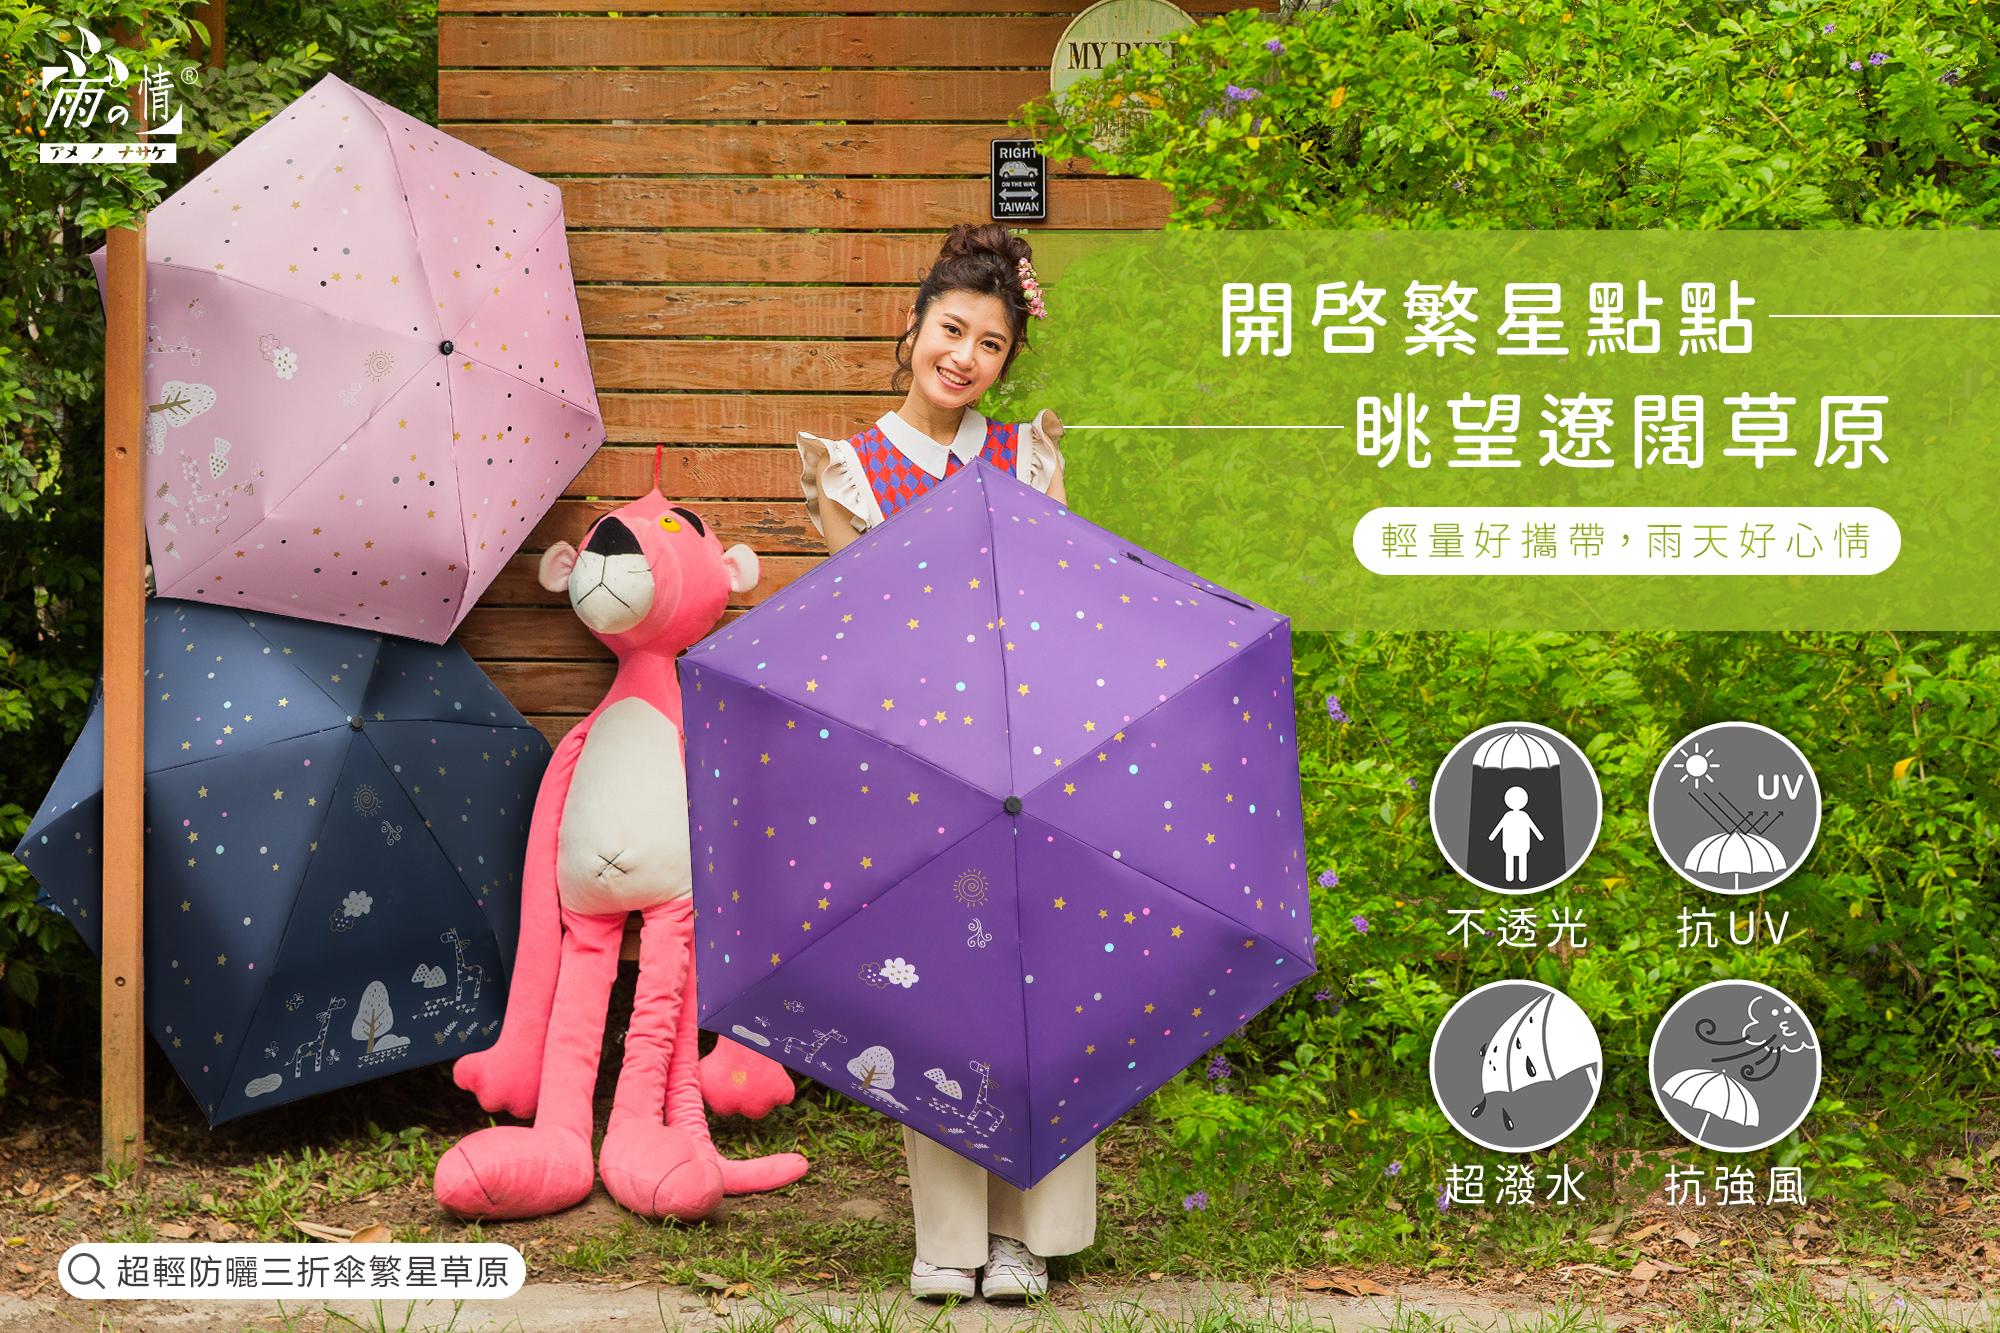 三折傘,雨傘,晴雨傘,正開傘,寶雅,寶雅獨家,遮光傘,傘,防曬傘,品牌傘,雨之情,學生傘,可愛傘,輕傘,維修傘,雨傘推薦,雨傘ppt,草原,繁星,星星傘,寶雅傘